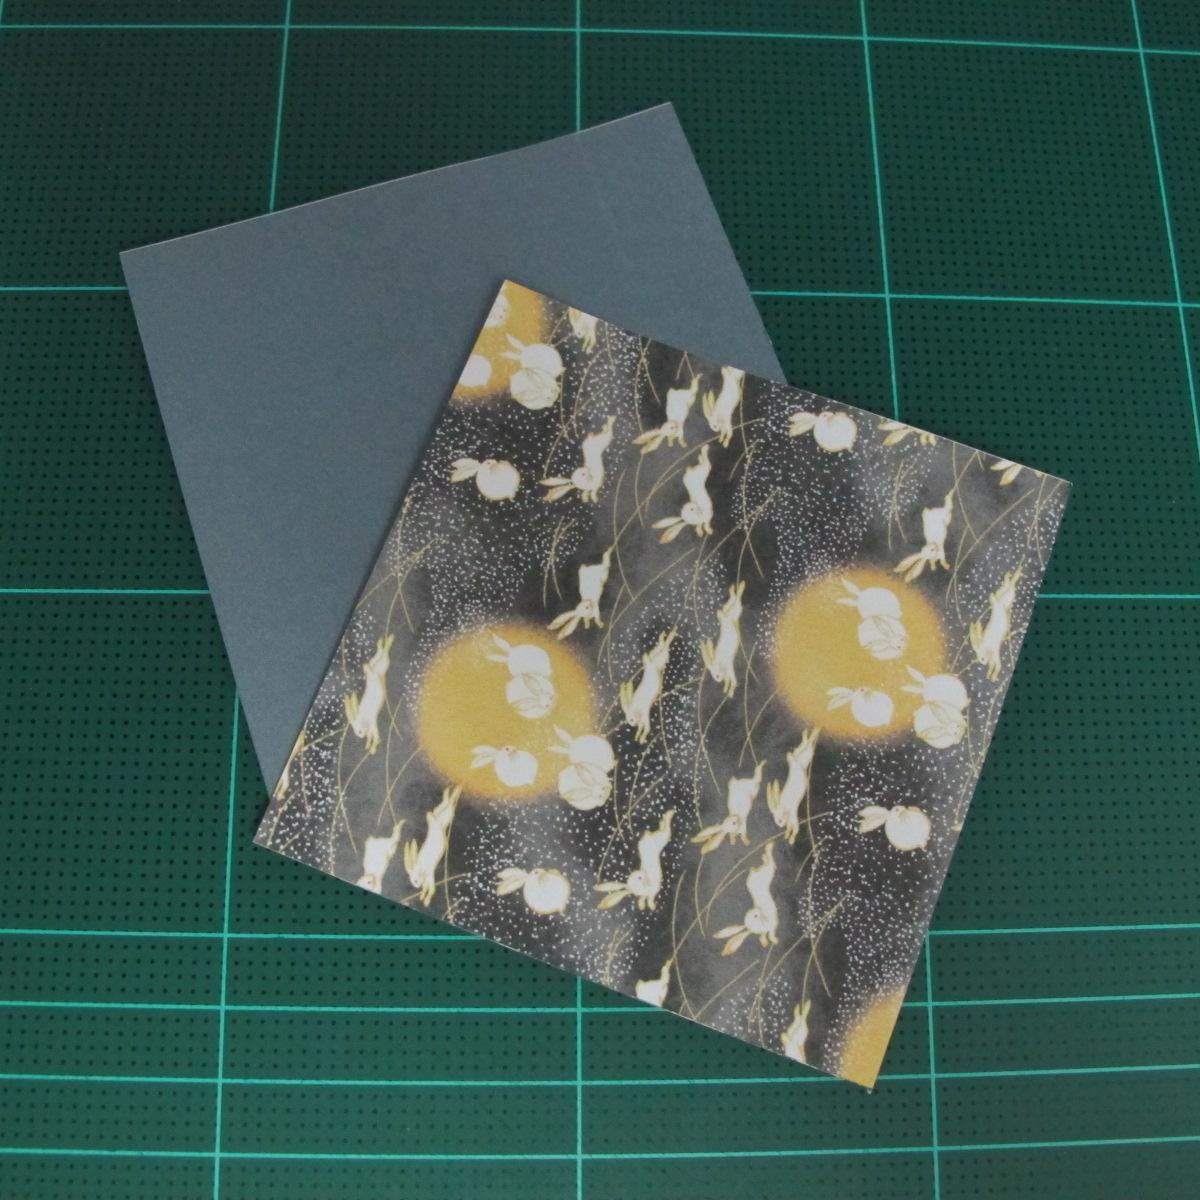 วิธีพับกระดาษเป็นรูปลูกสุนัข (แบบใช้กระดาษสองแผ่น) (Origami Dog) 001